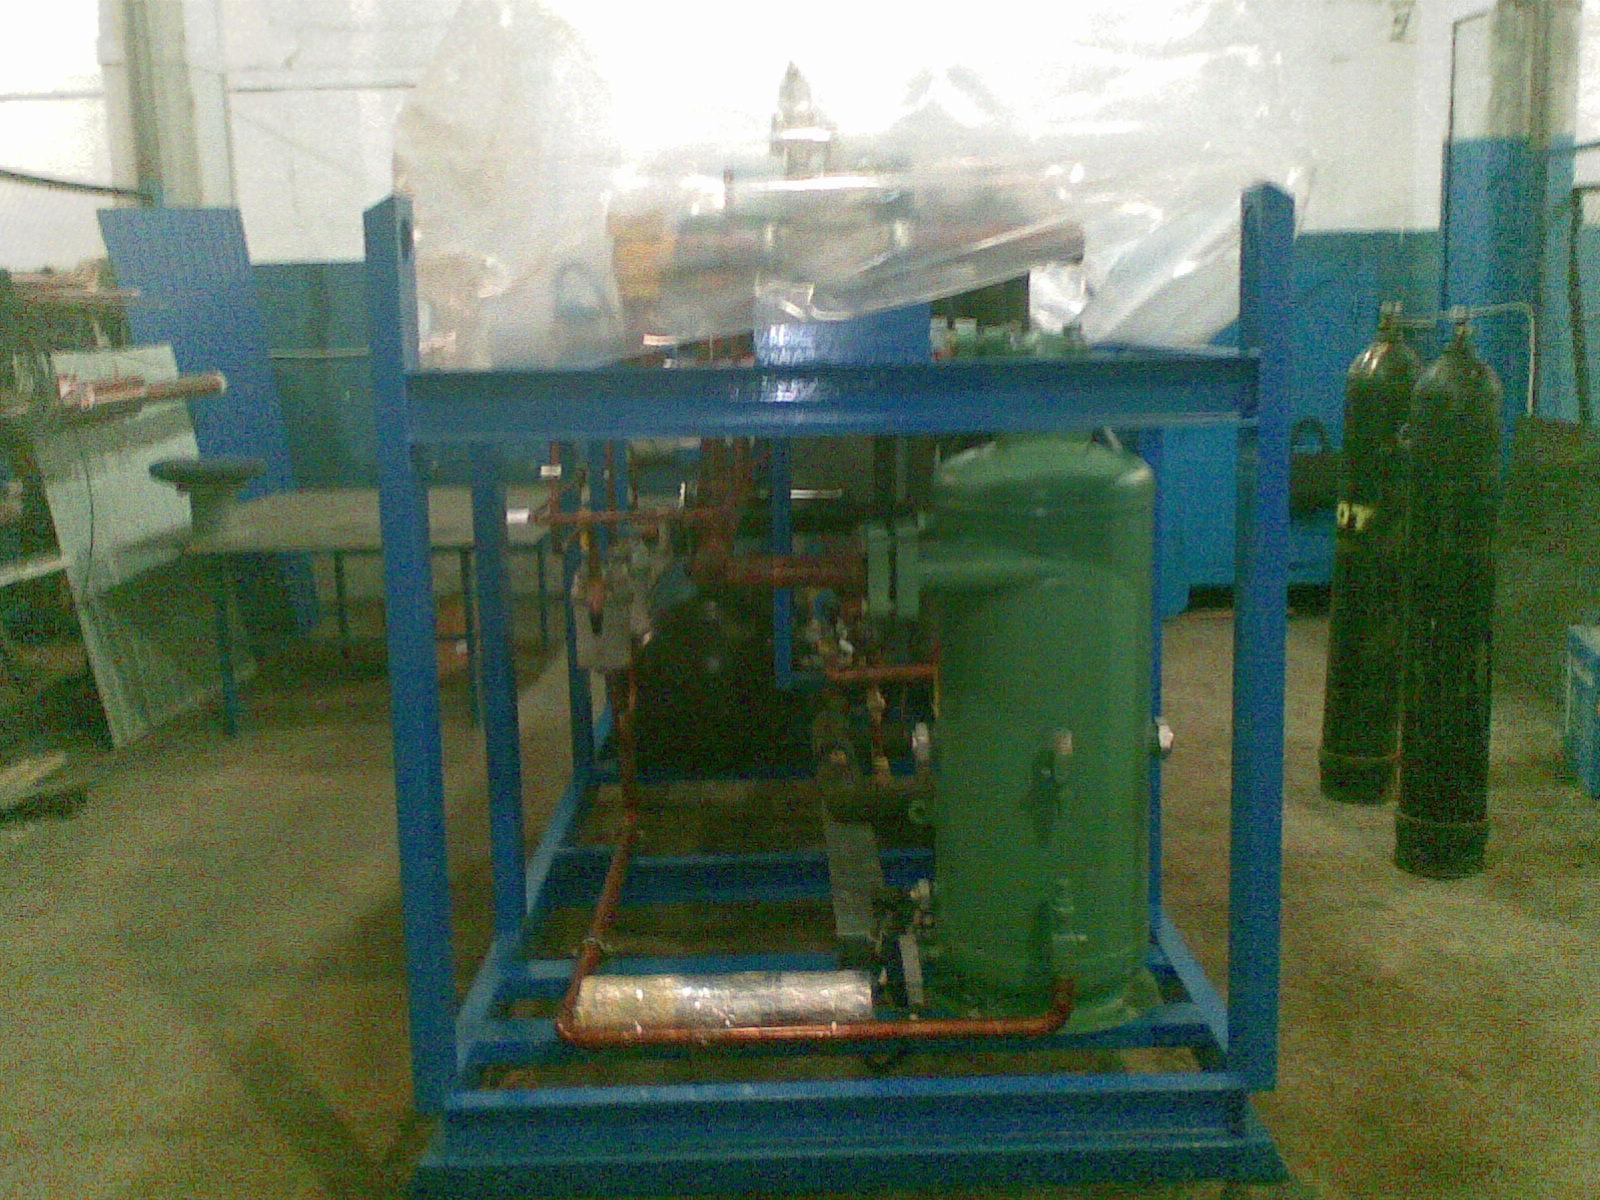 лесного хозяйства промышленное морозильное оборудование б у более магазинов